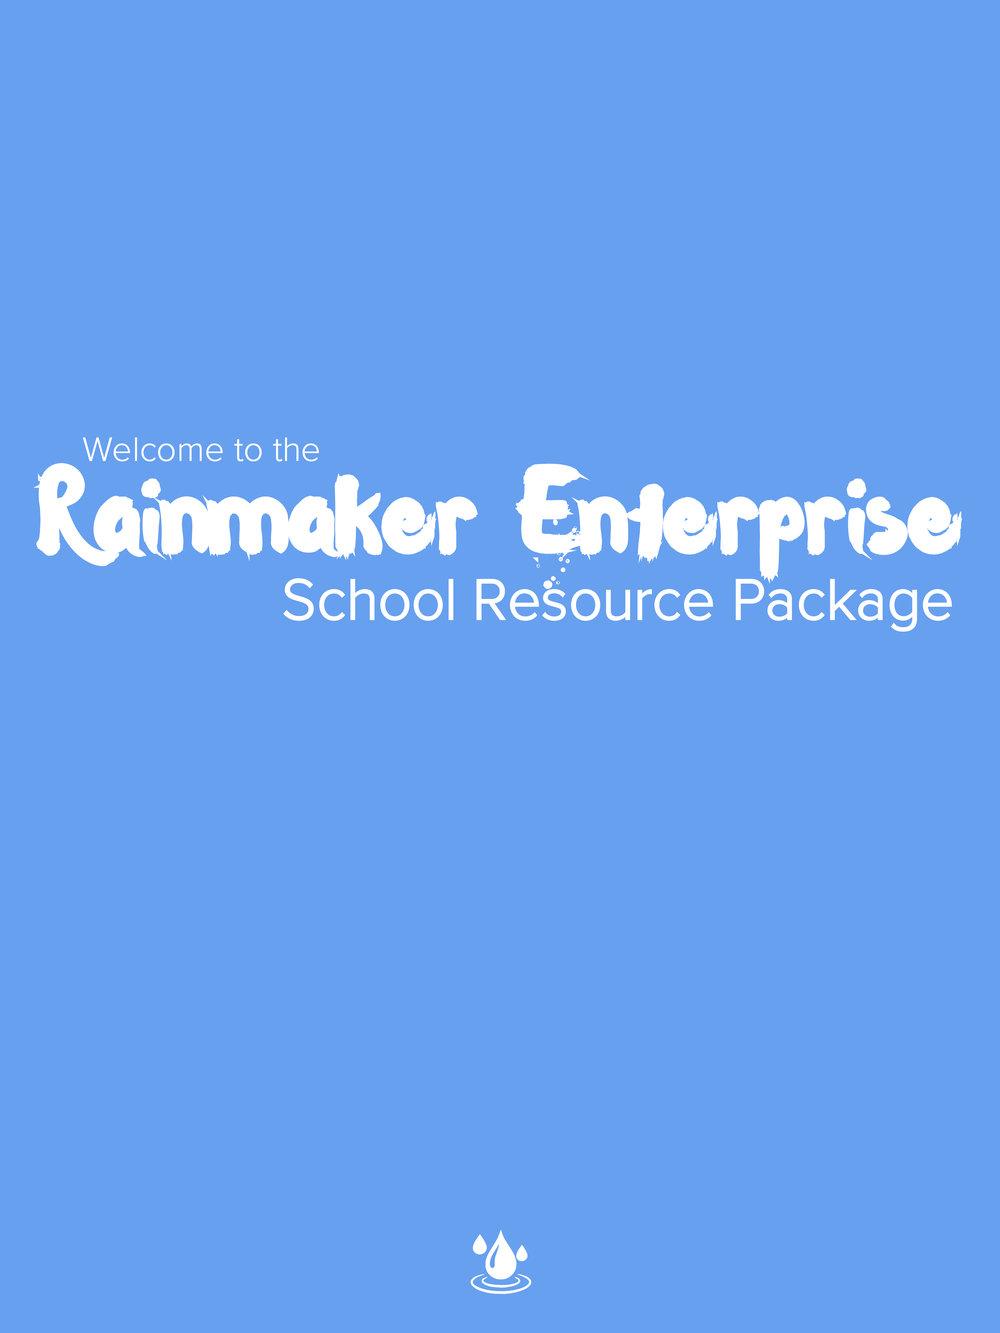 School Resource Package 1.jpg